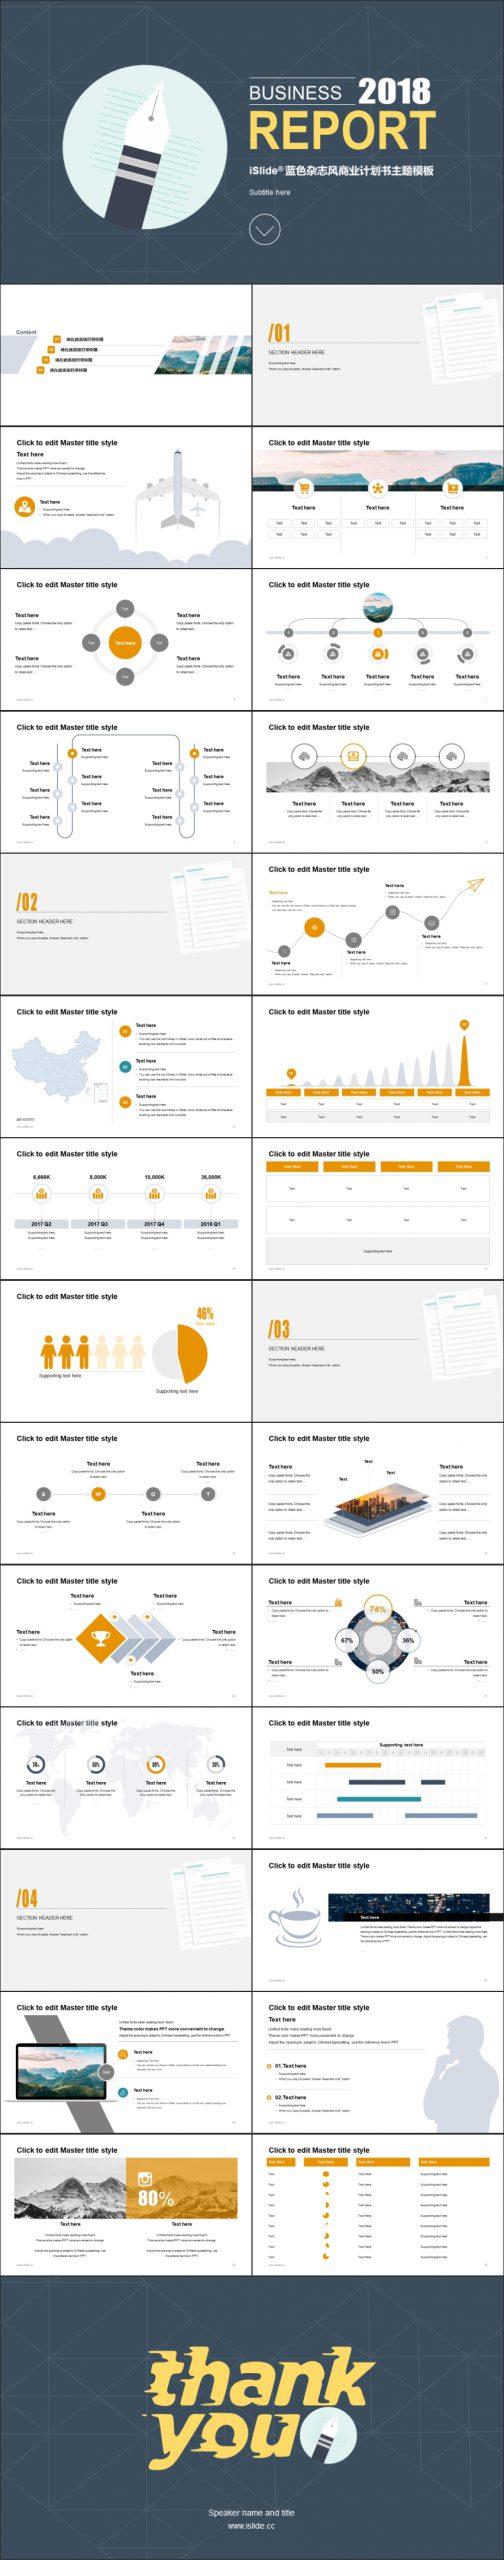 蓝色杂志风商业计划书 PPT模板下载_预览图2